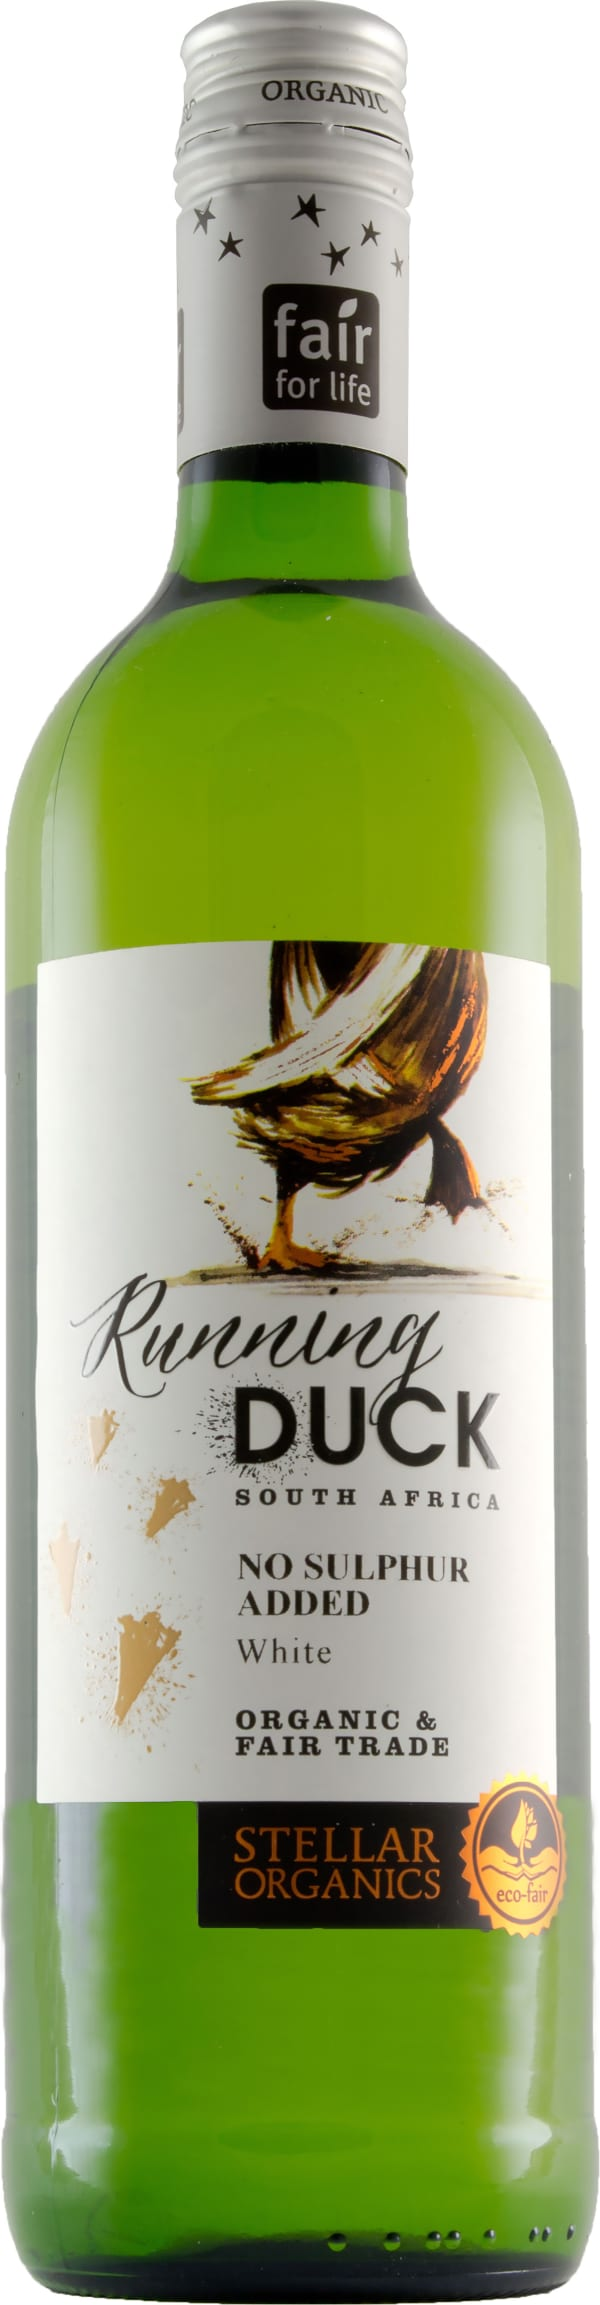 Running Duck White 2016